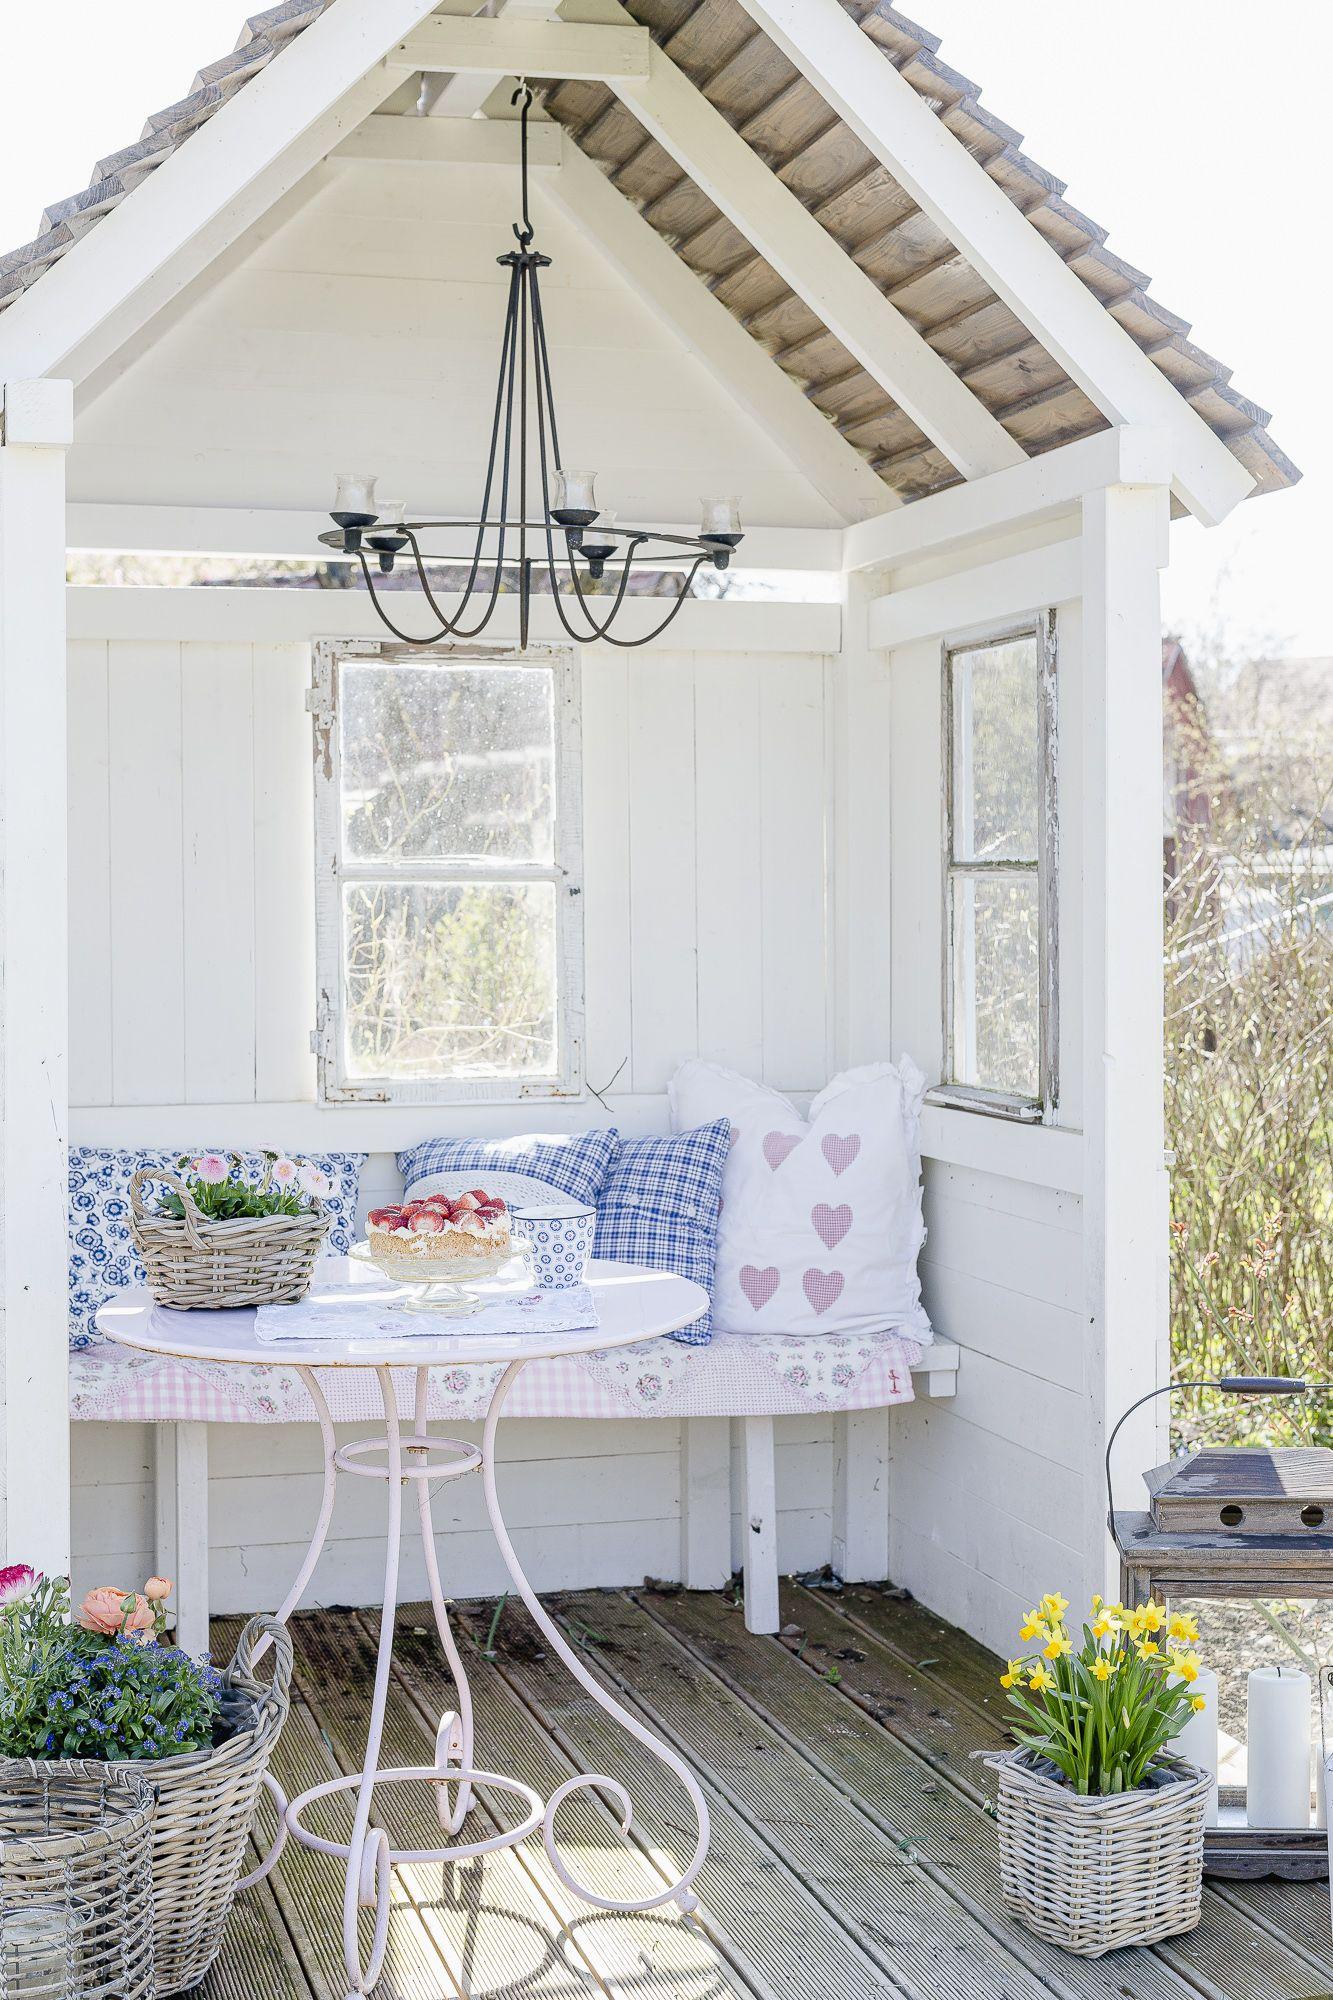 Lenzrosen Und Fruhling In Der Gartenlaube Pomponetti Gartenlaube Uberdachung Garten Garten